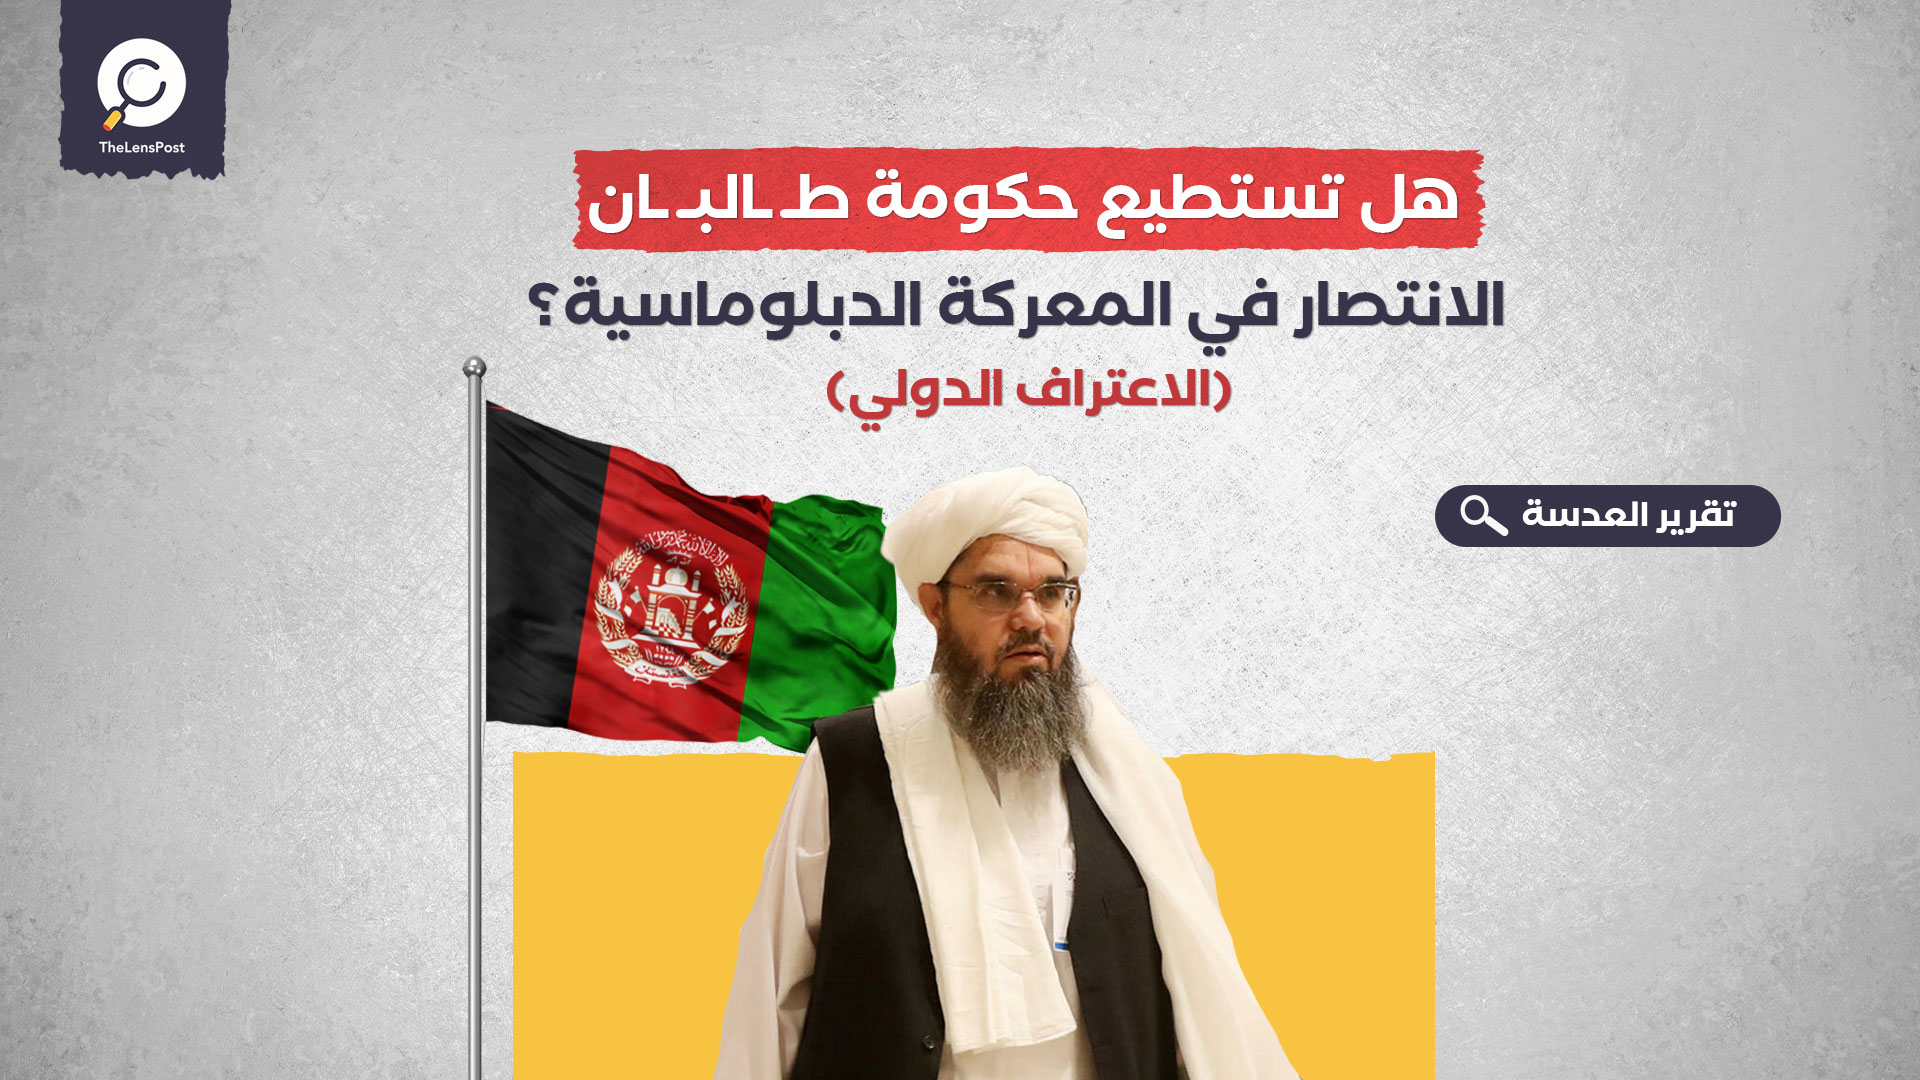 هل تستطيع حكومة طالبان الانتصار في المعركة الدبلوماسية؟